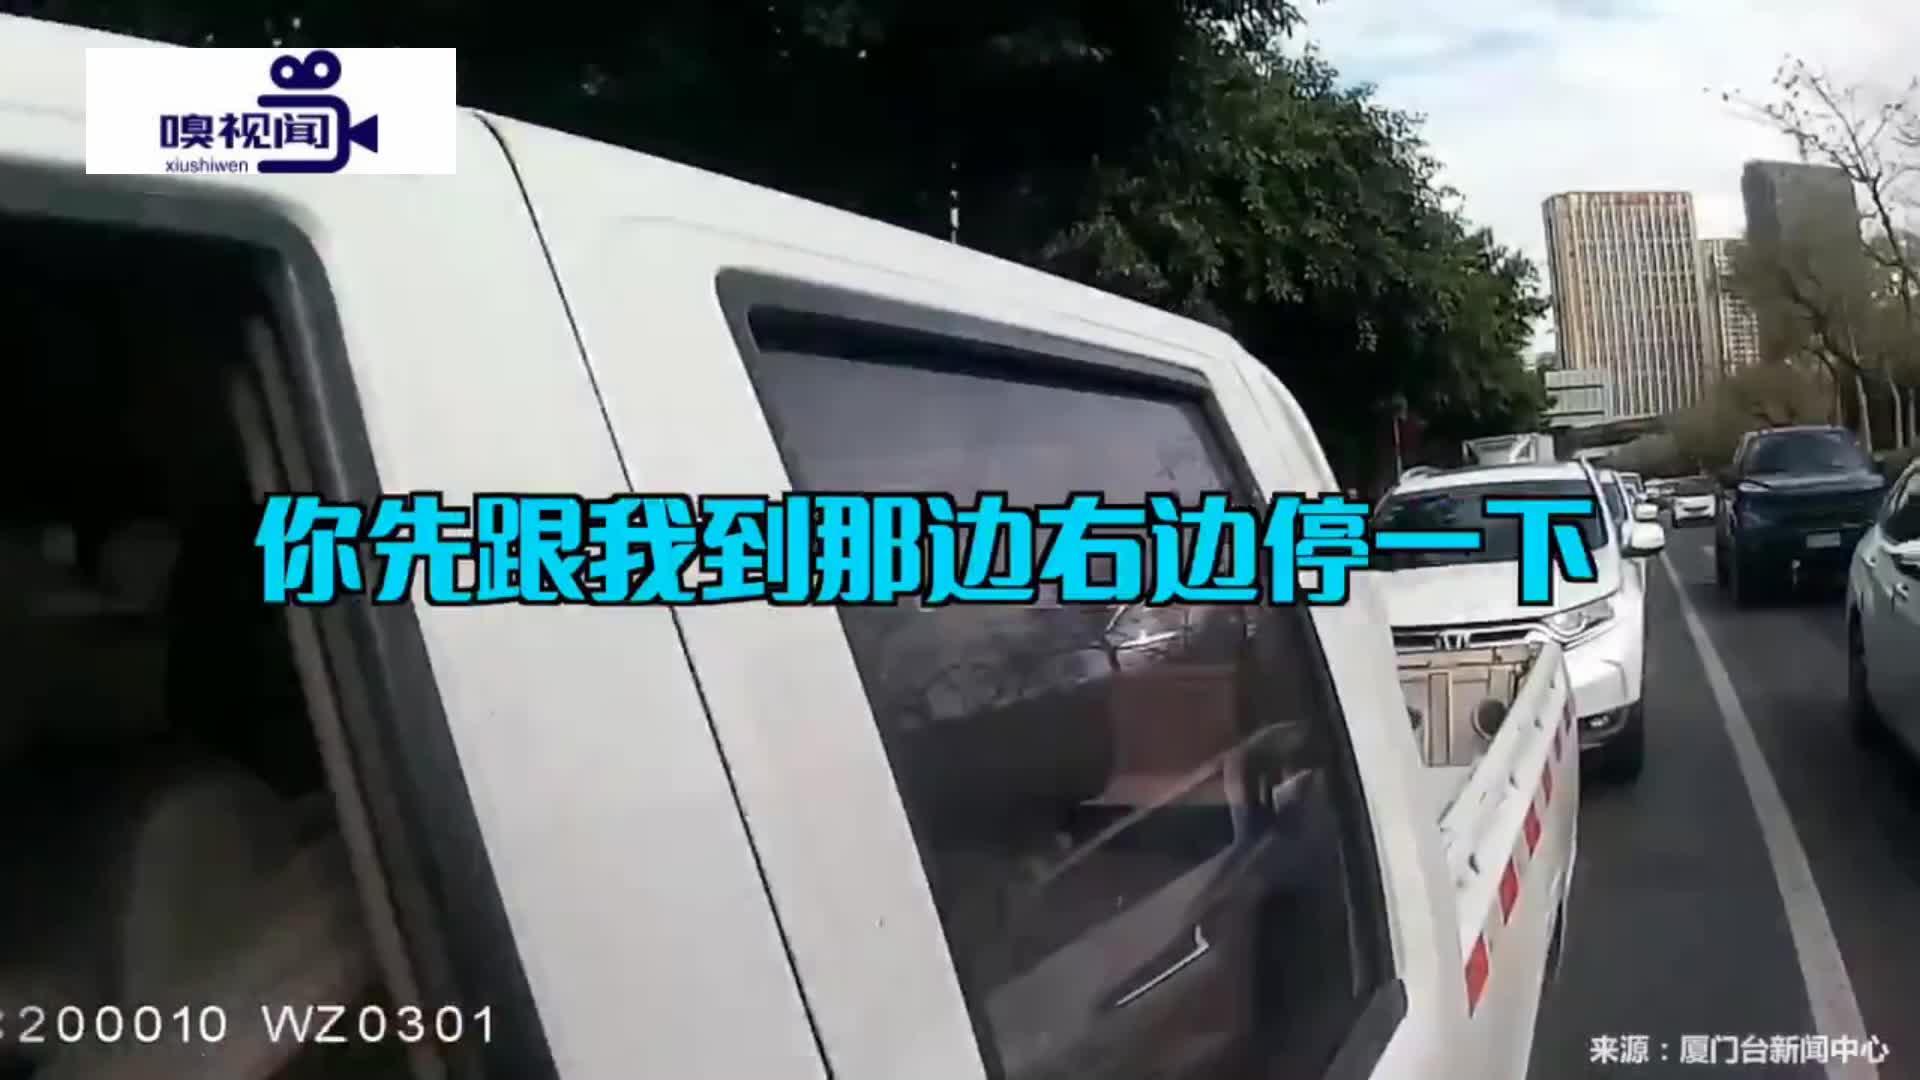 福建厦门:开自己的车套自己的牌?男子这波操作太迷了…